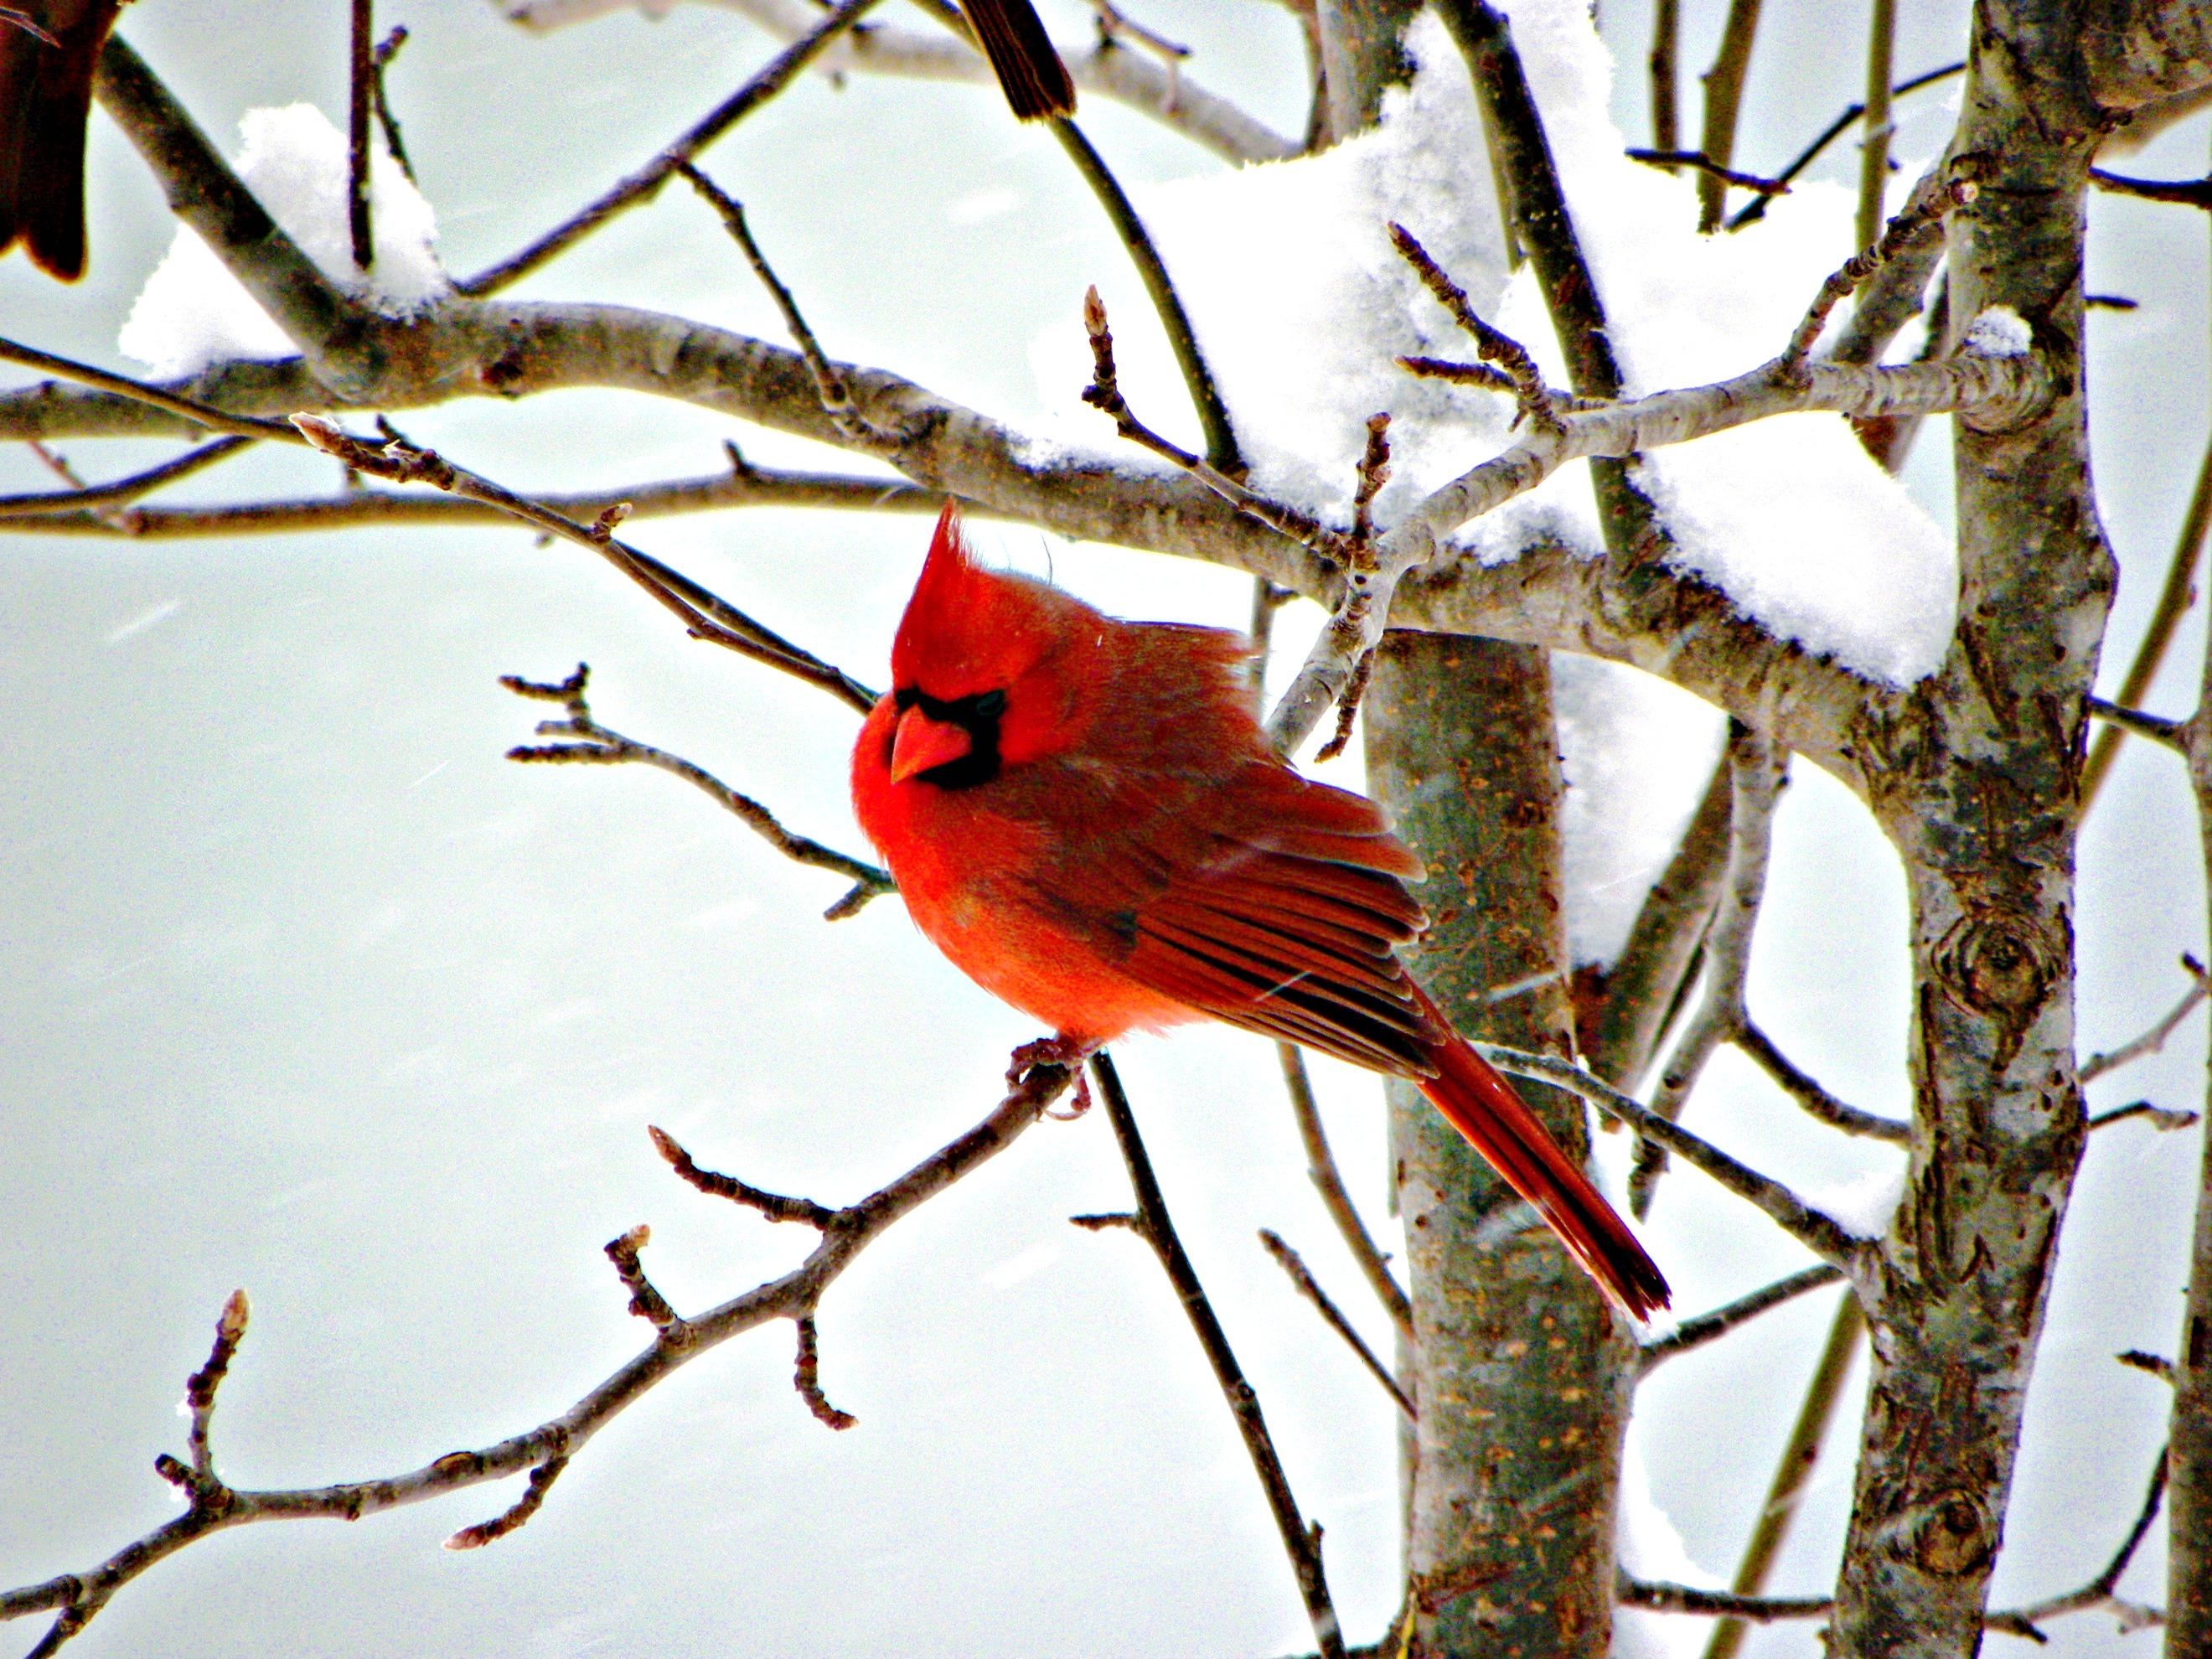 Winter cardinal images